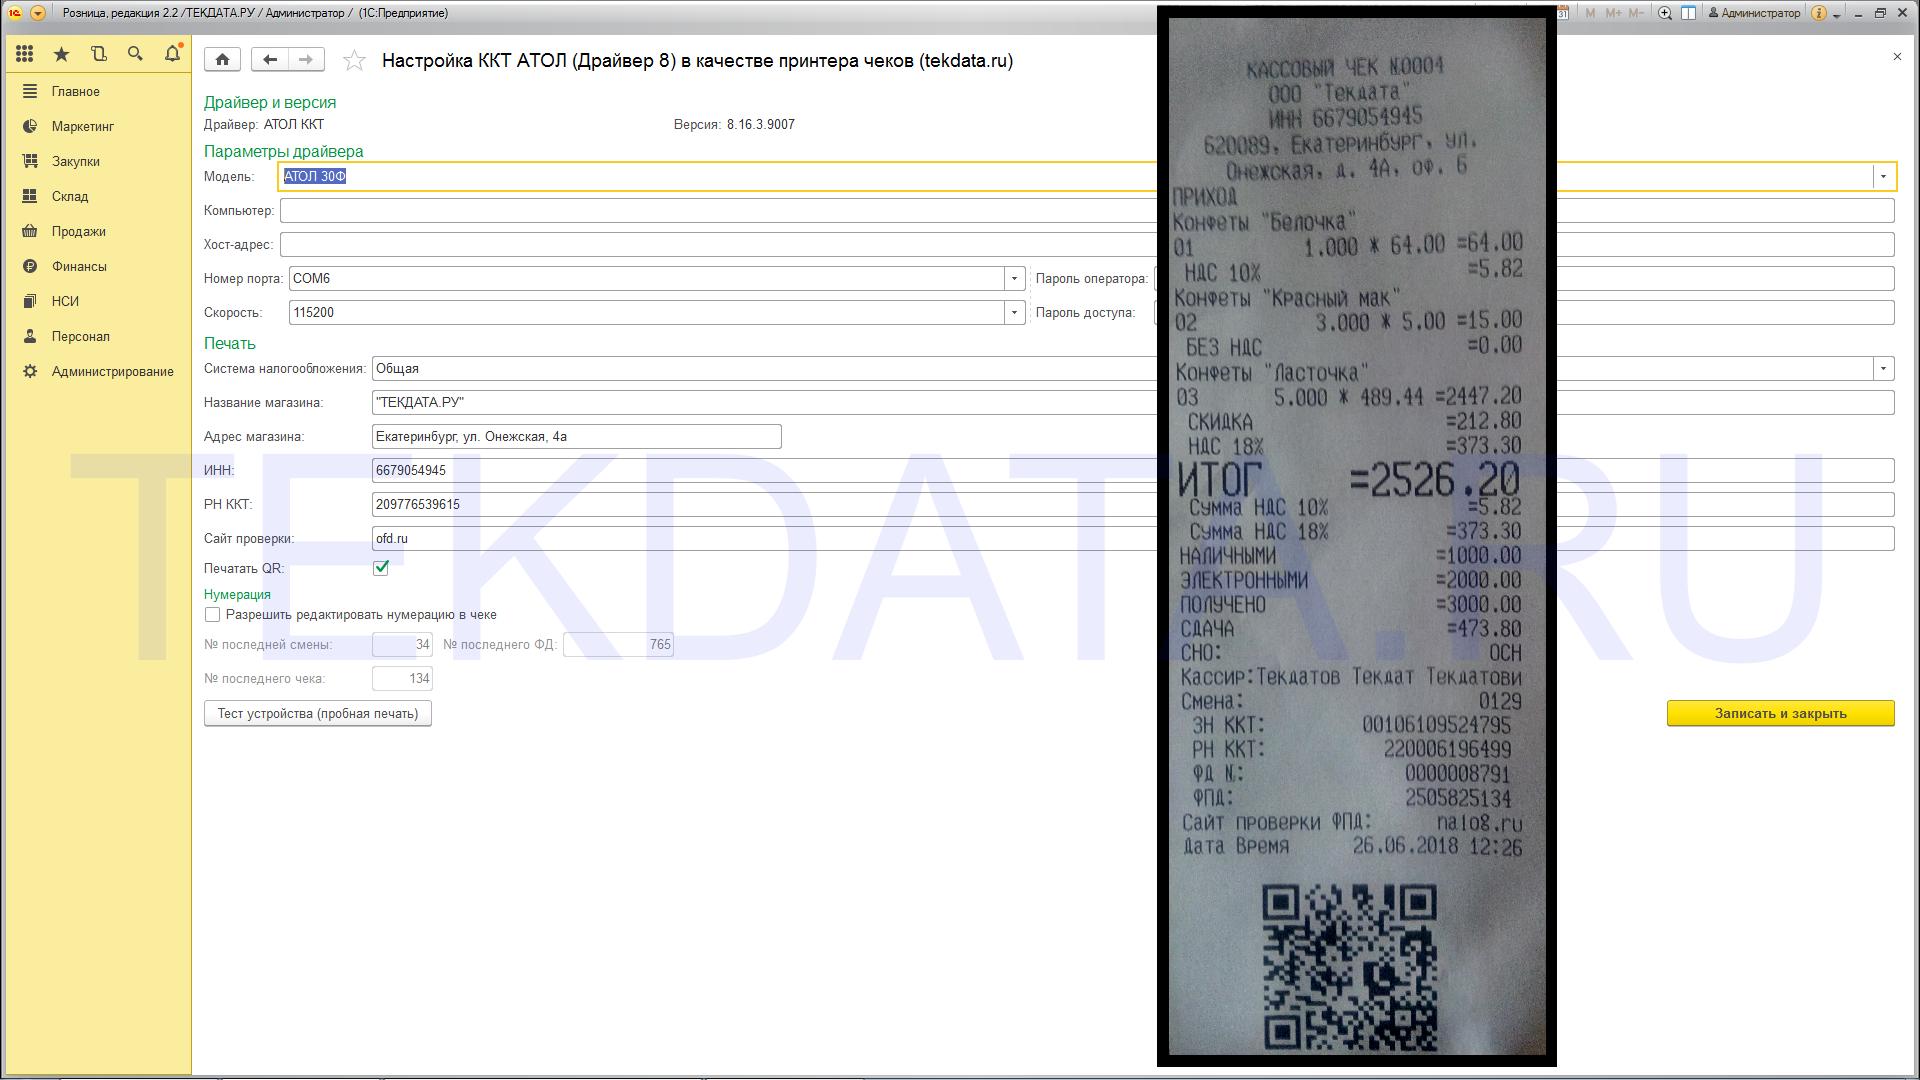 Печать чека ККМ на ККТ АТОЛ (драйвер v.8) без фискализации (Использование ККТ как принтера чеков) для 1С:Розница 2.2